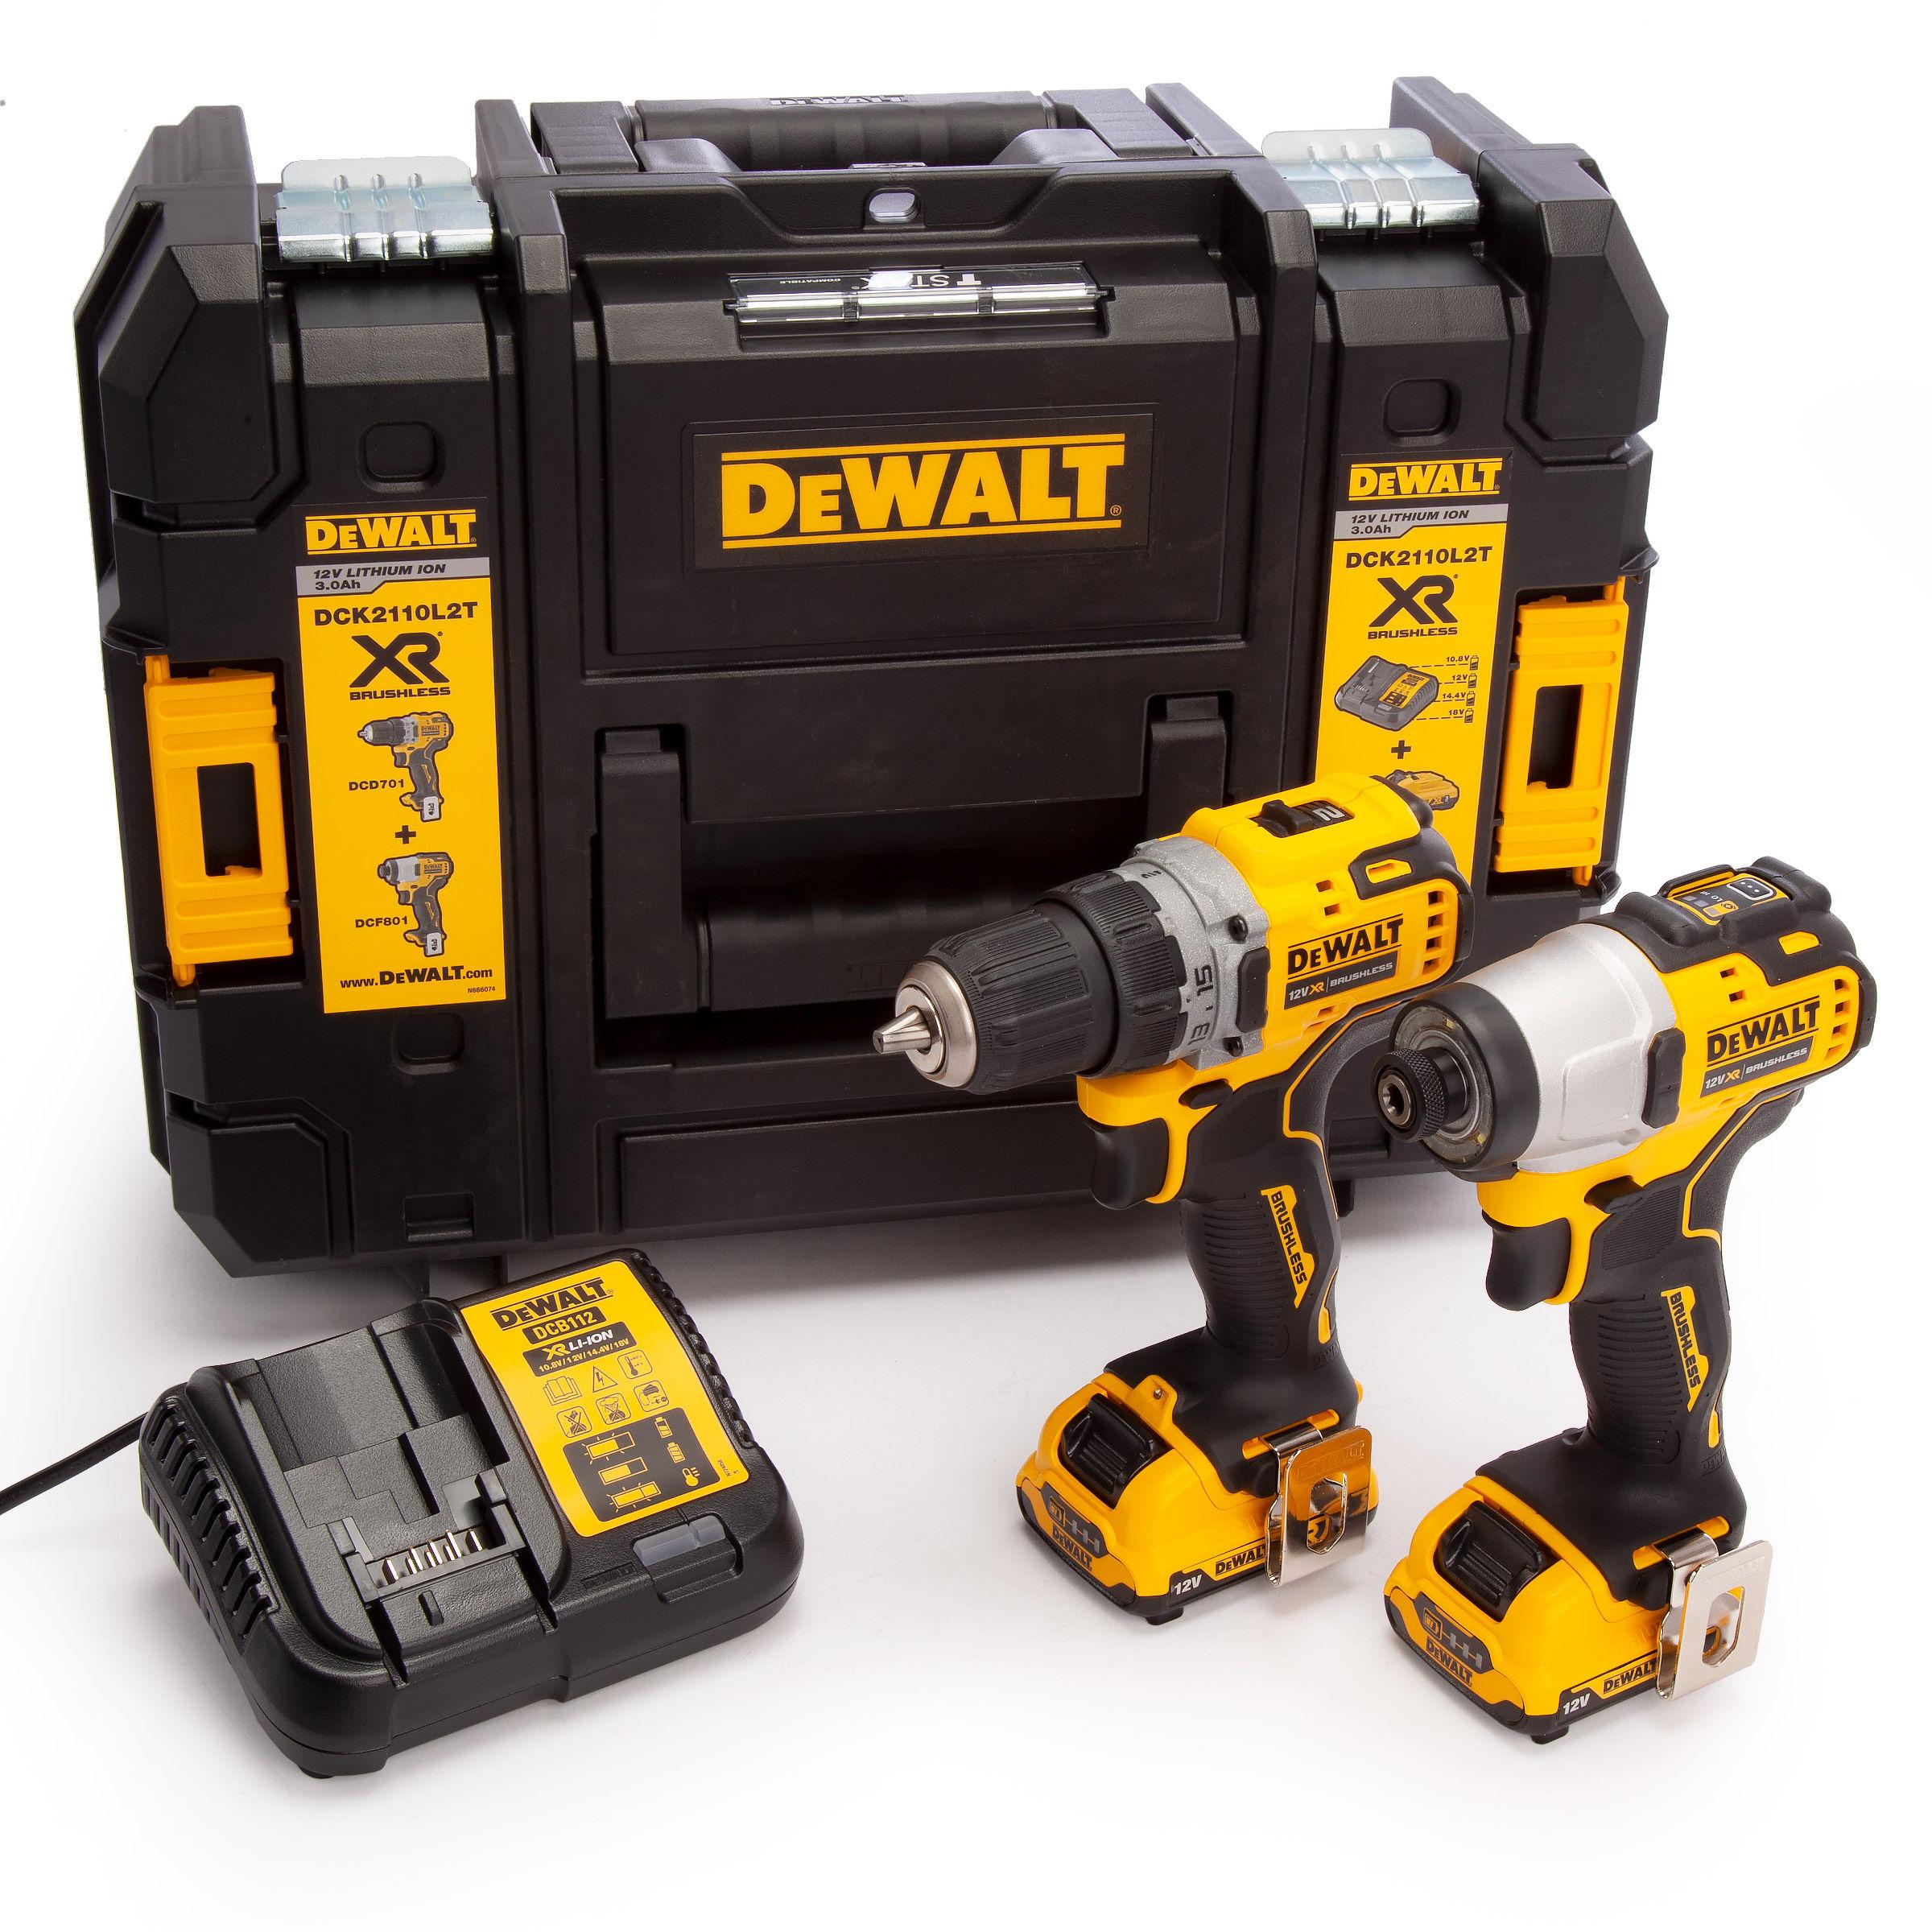 DeWALT Zestaw kompaktowa wkrętarka + zakrętarka udarowa 12V 2x3Ah za 237,20 GBP @Toolstop.co.uk